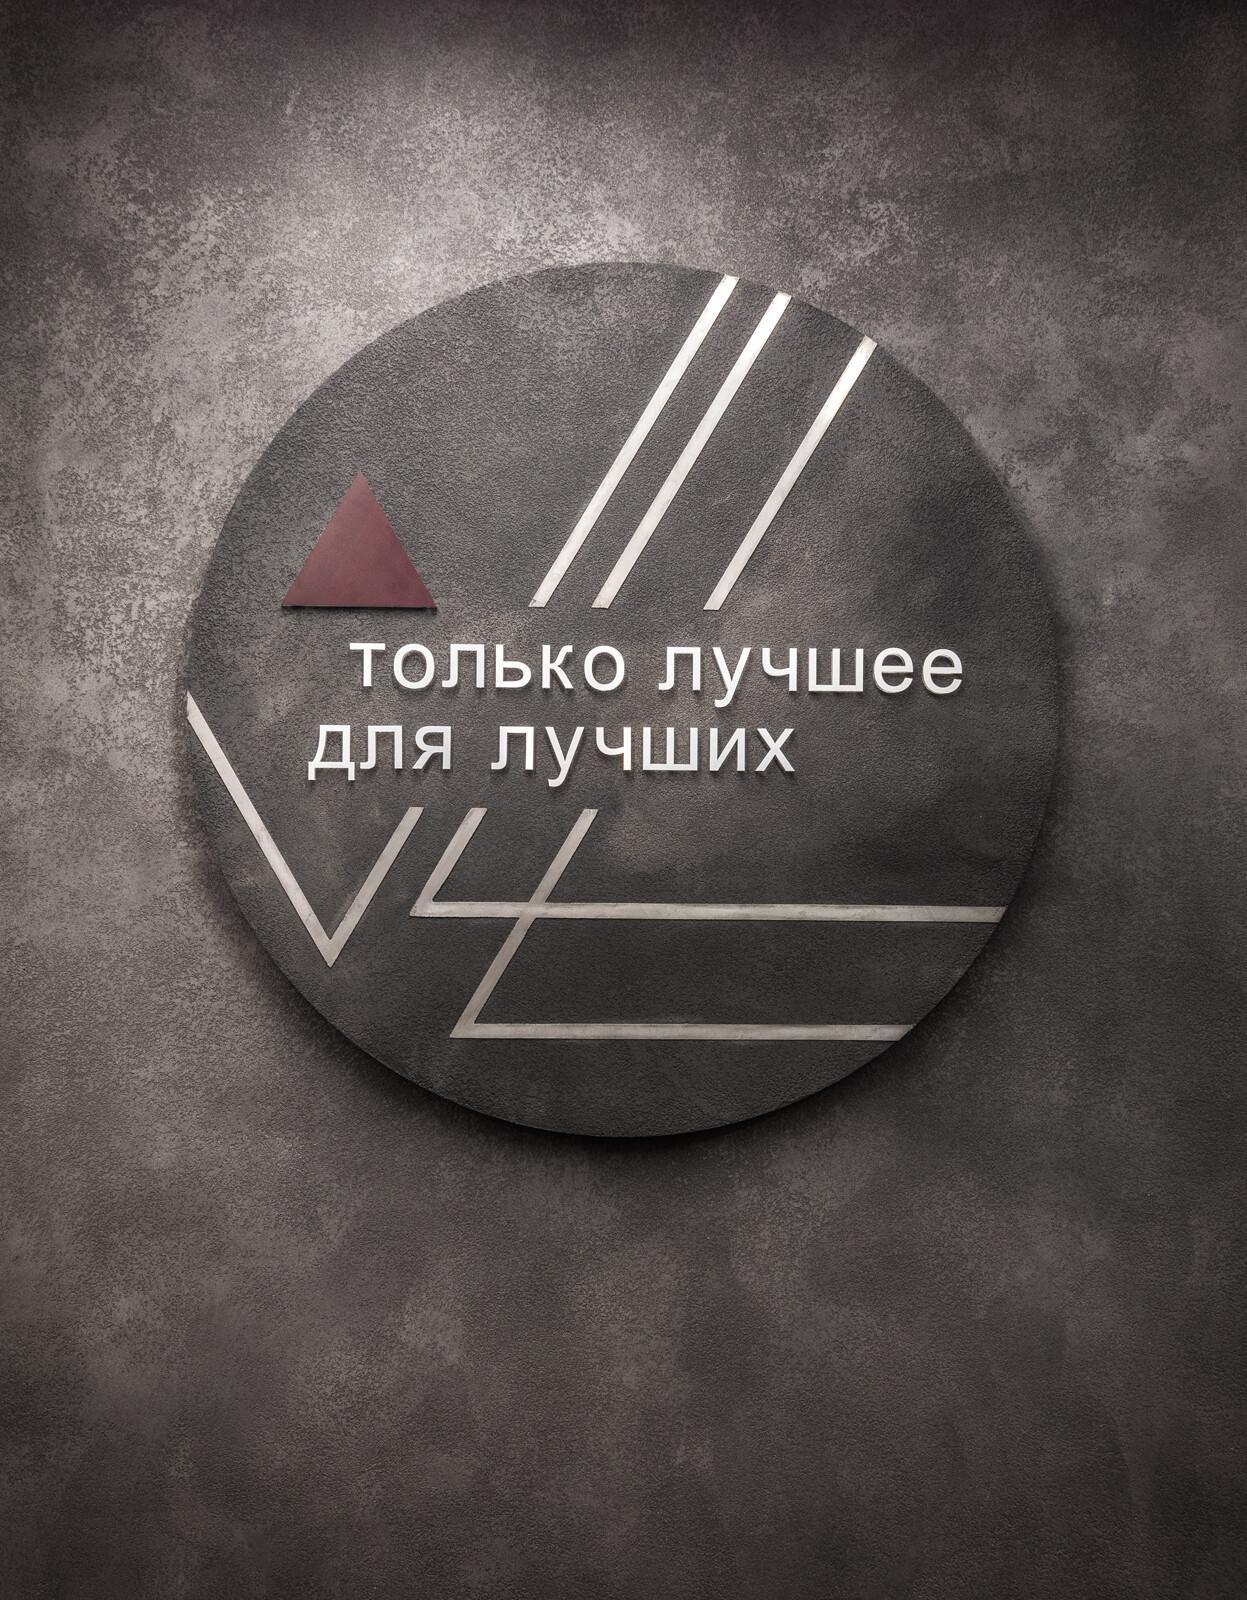 Fk4gcmzvrzgzhcxd8ivq